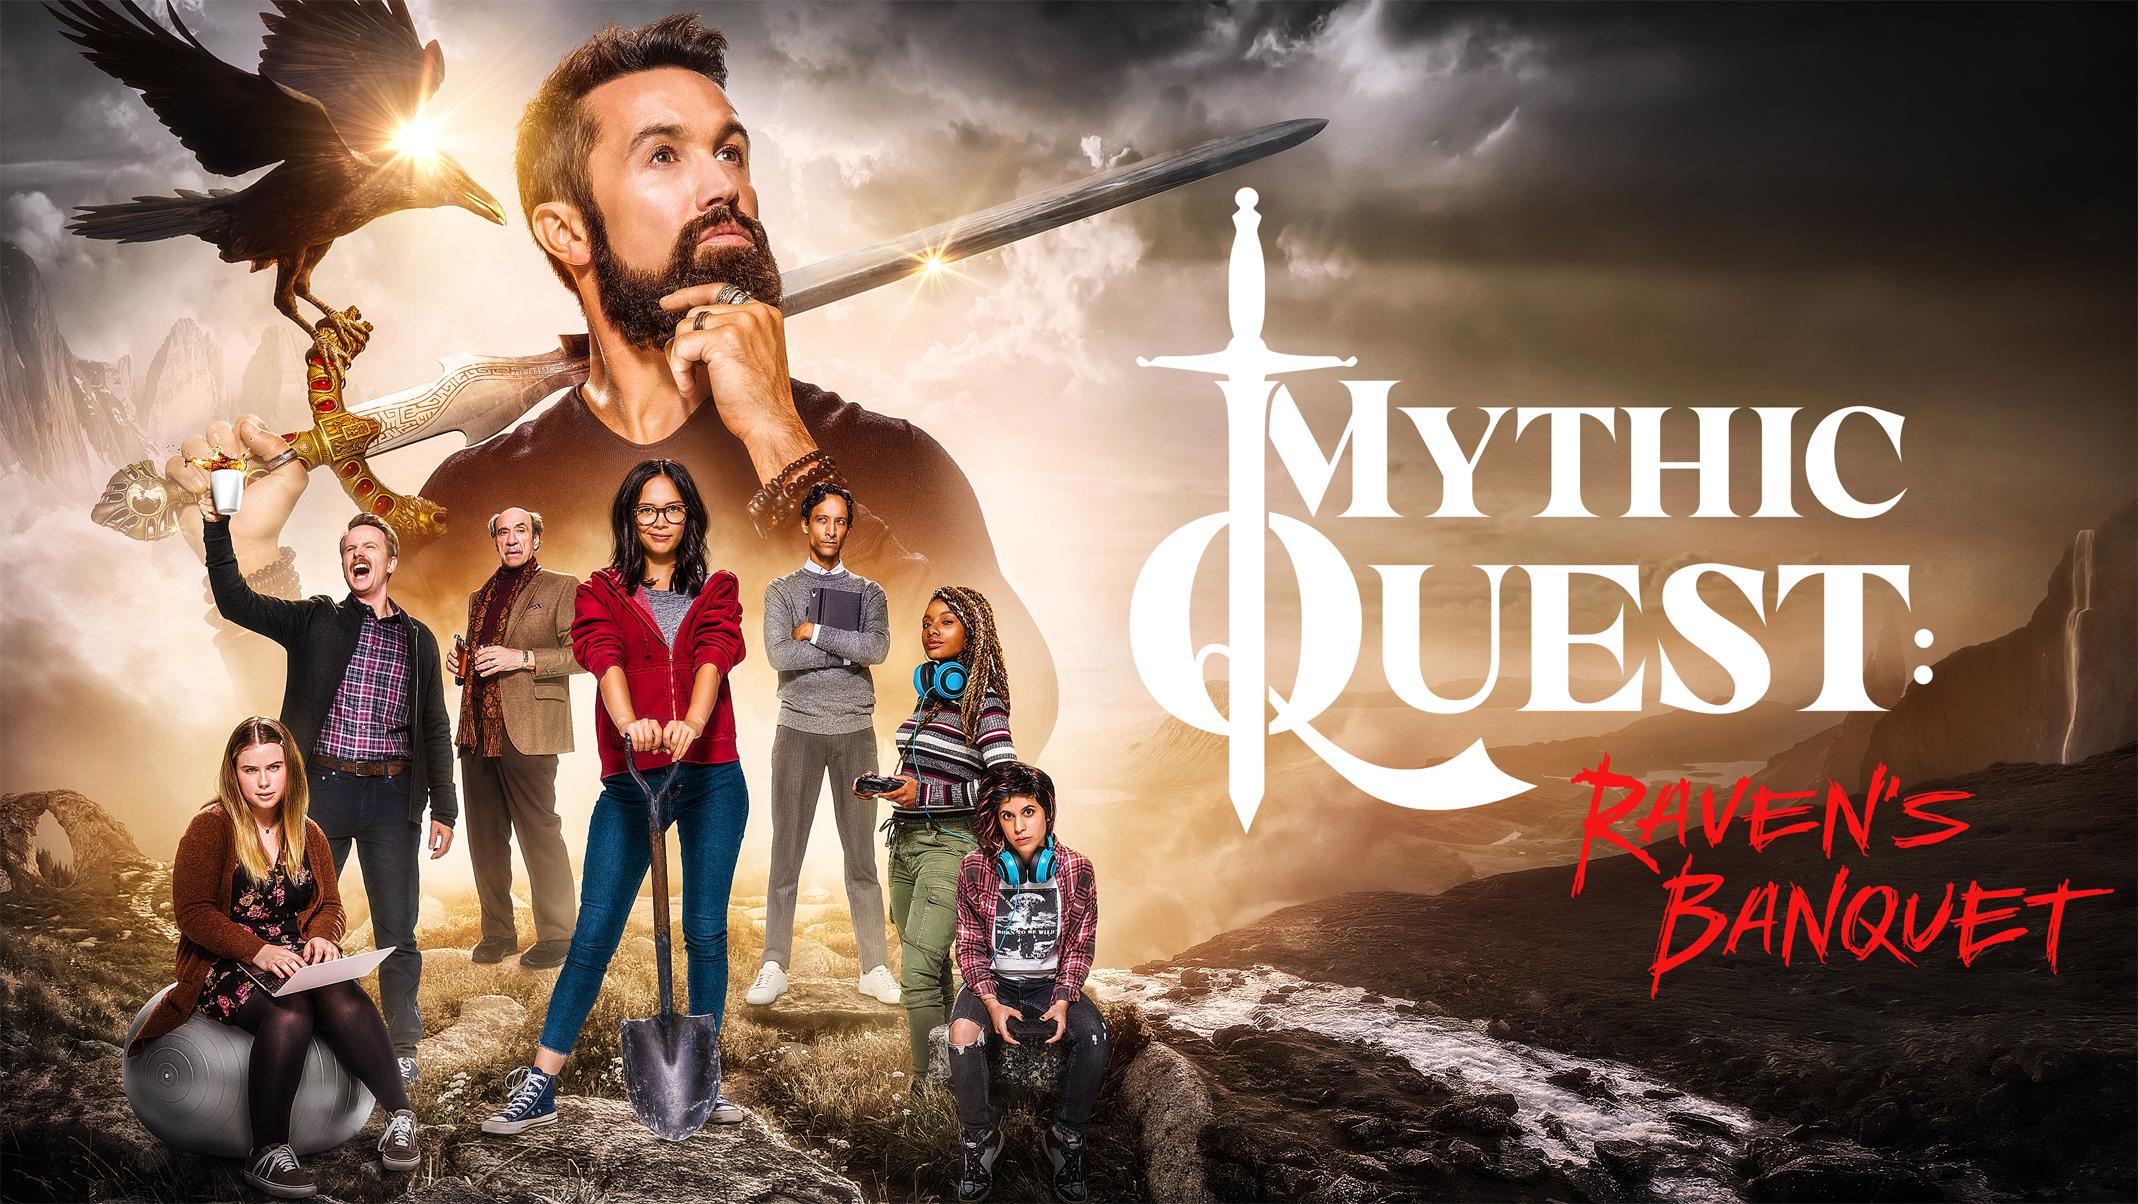 """Apple ปล่อยตัวอย่างหนังซีรีย์แนวคอมเมดี้เรื่องใหม่ """"Mythic Quest: Raven's Banquet"""" พร้อมฉาย 7 ก.พ. นี้ ผ่าน Apple TV+"""